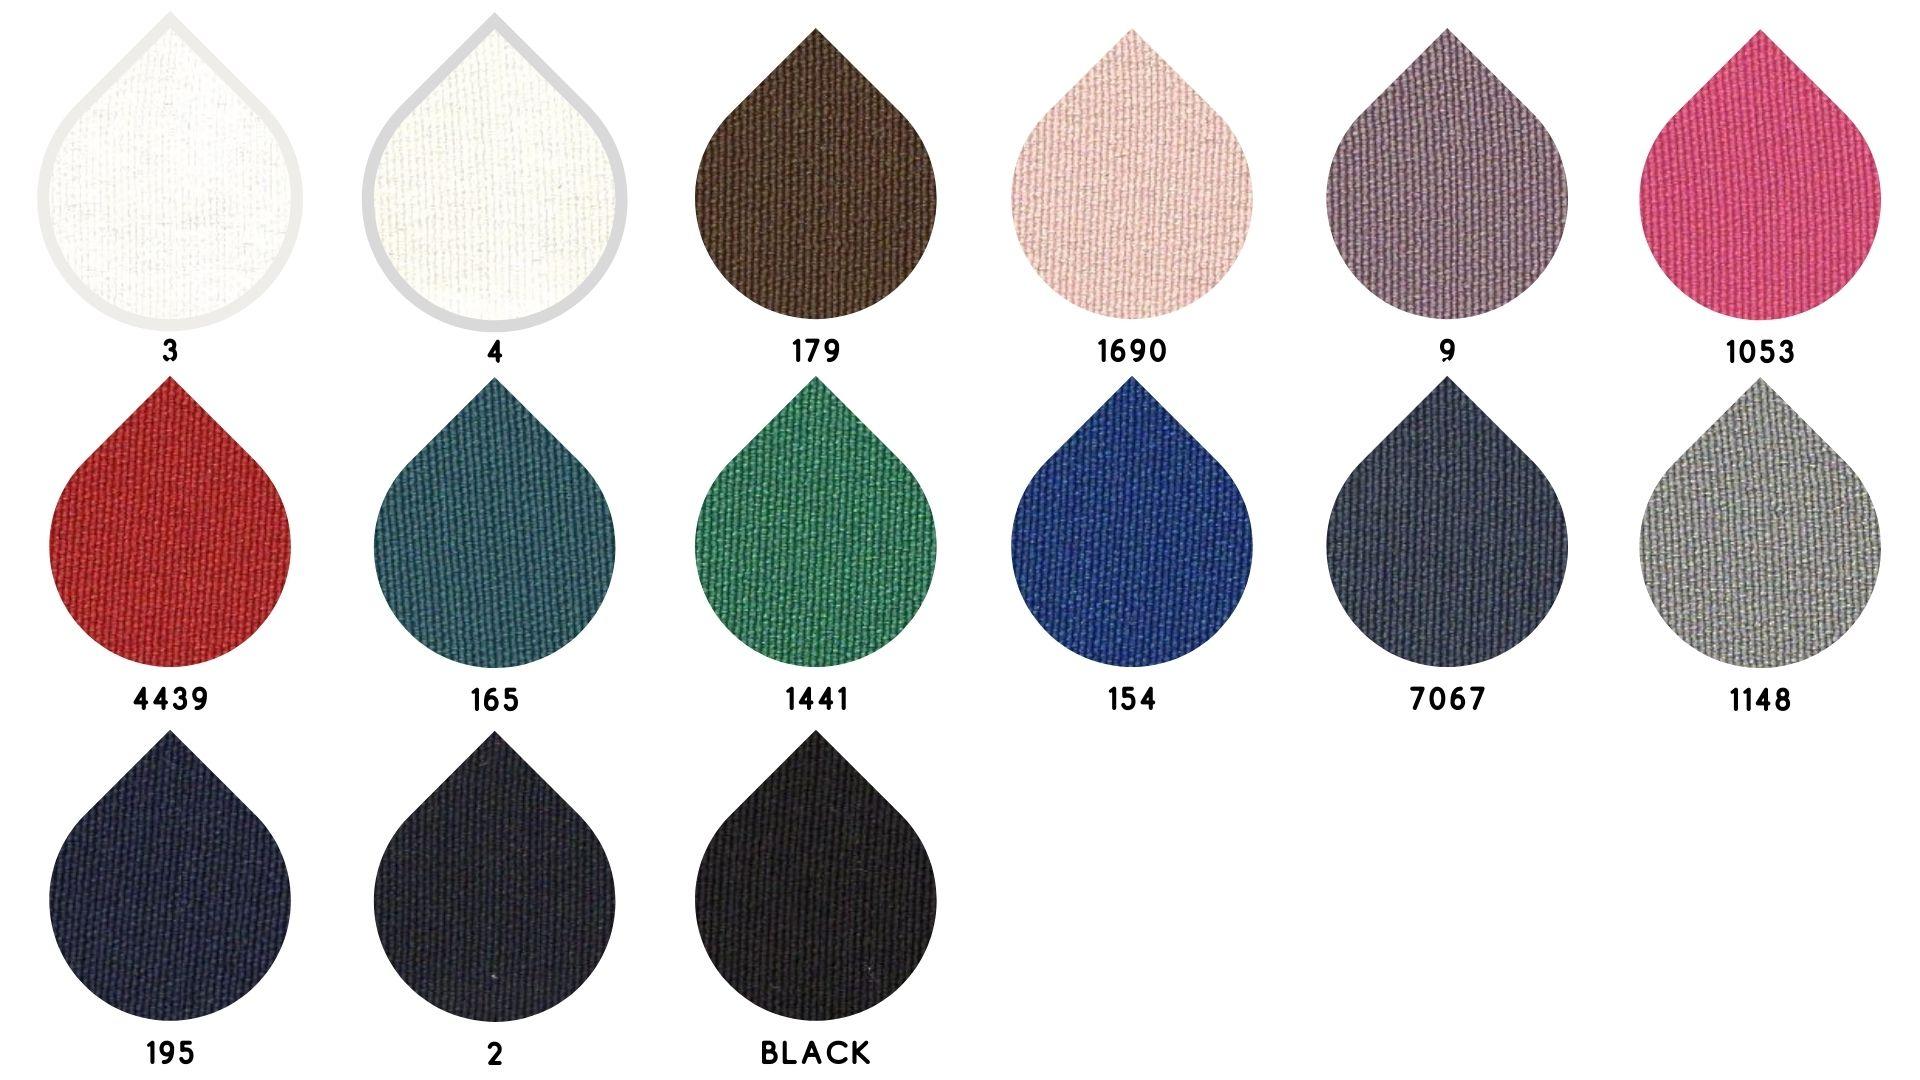 la cartella colore del tessuto poker di Leadford & Logan